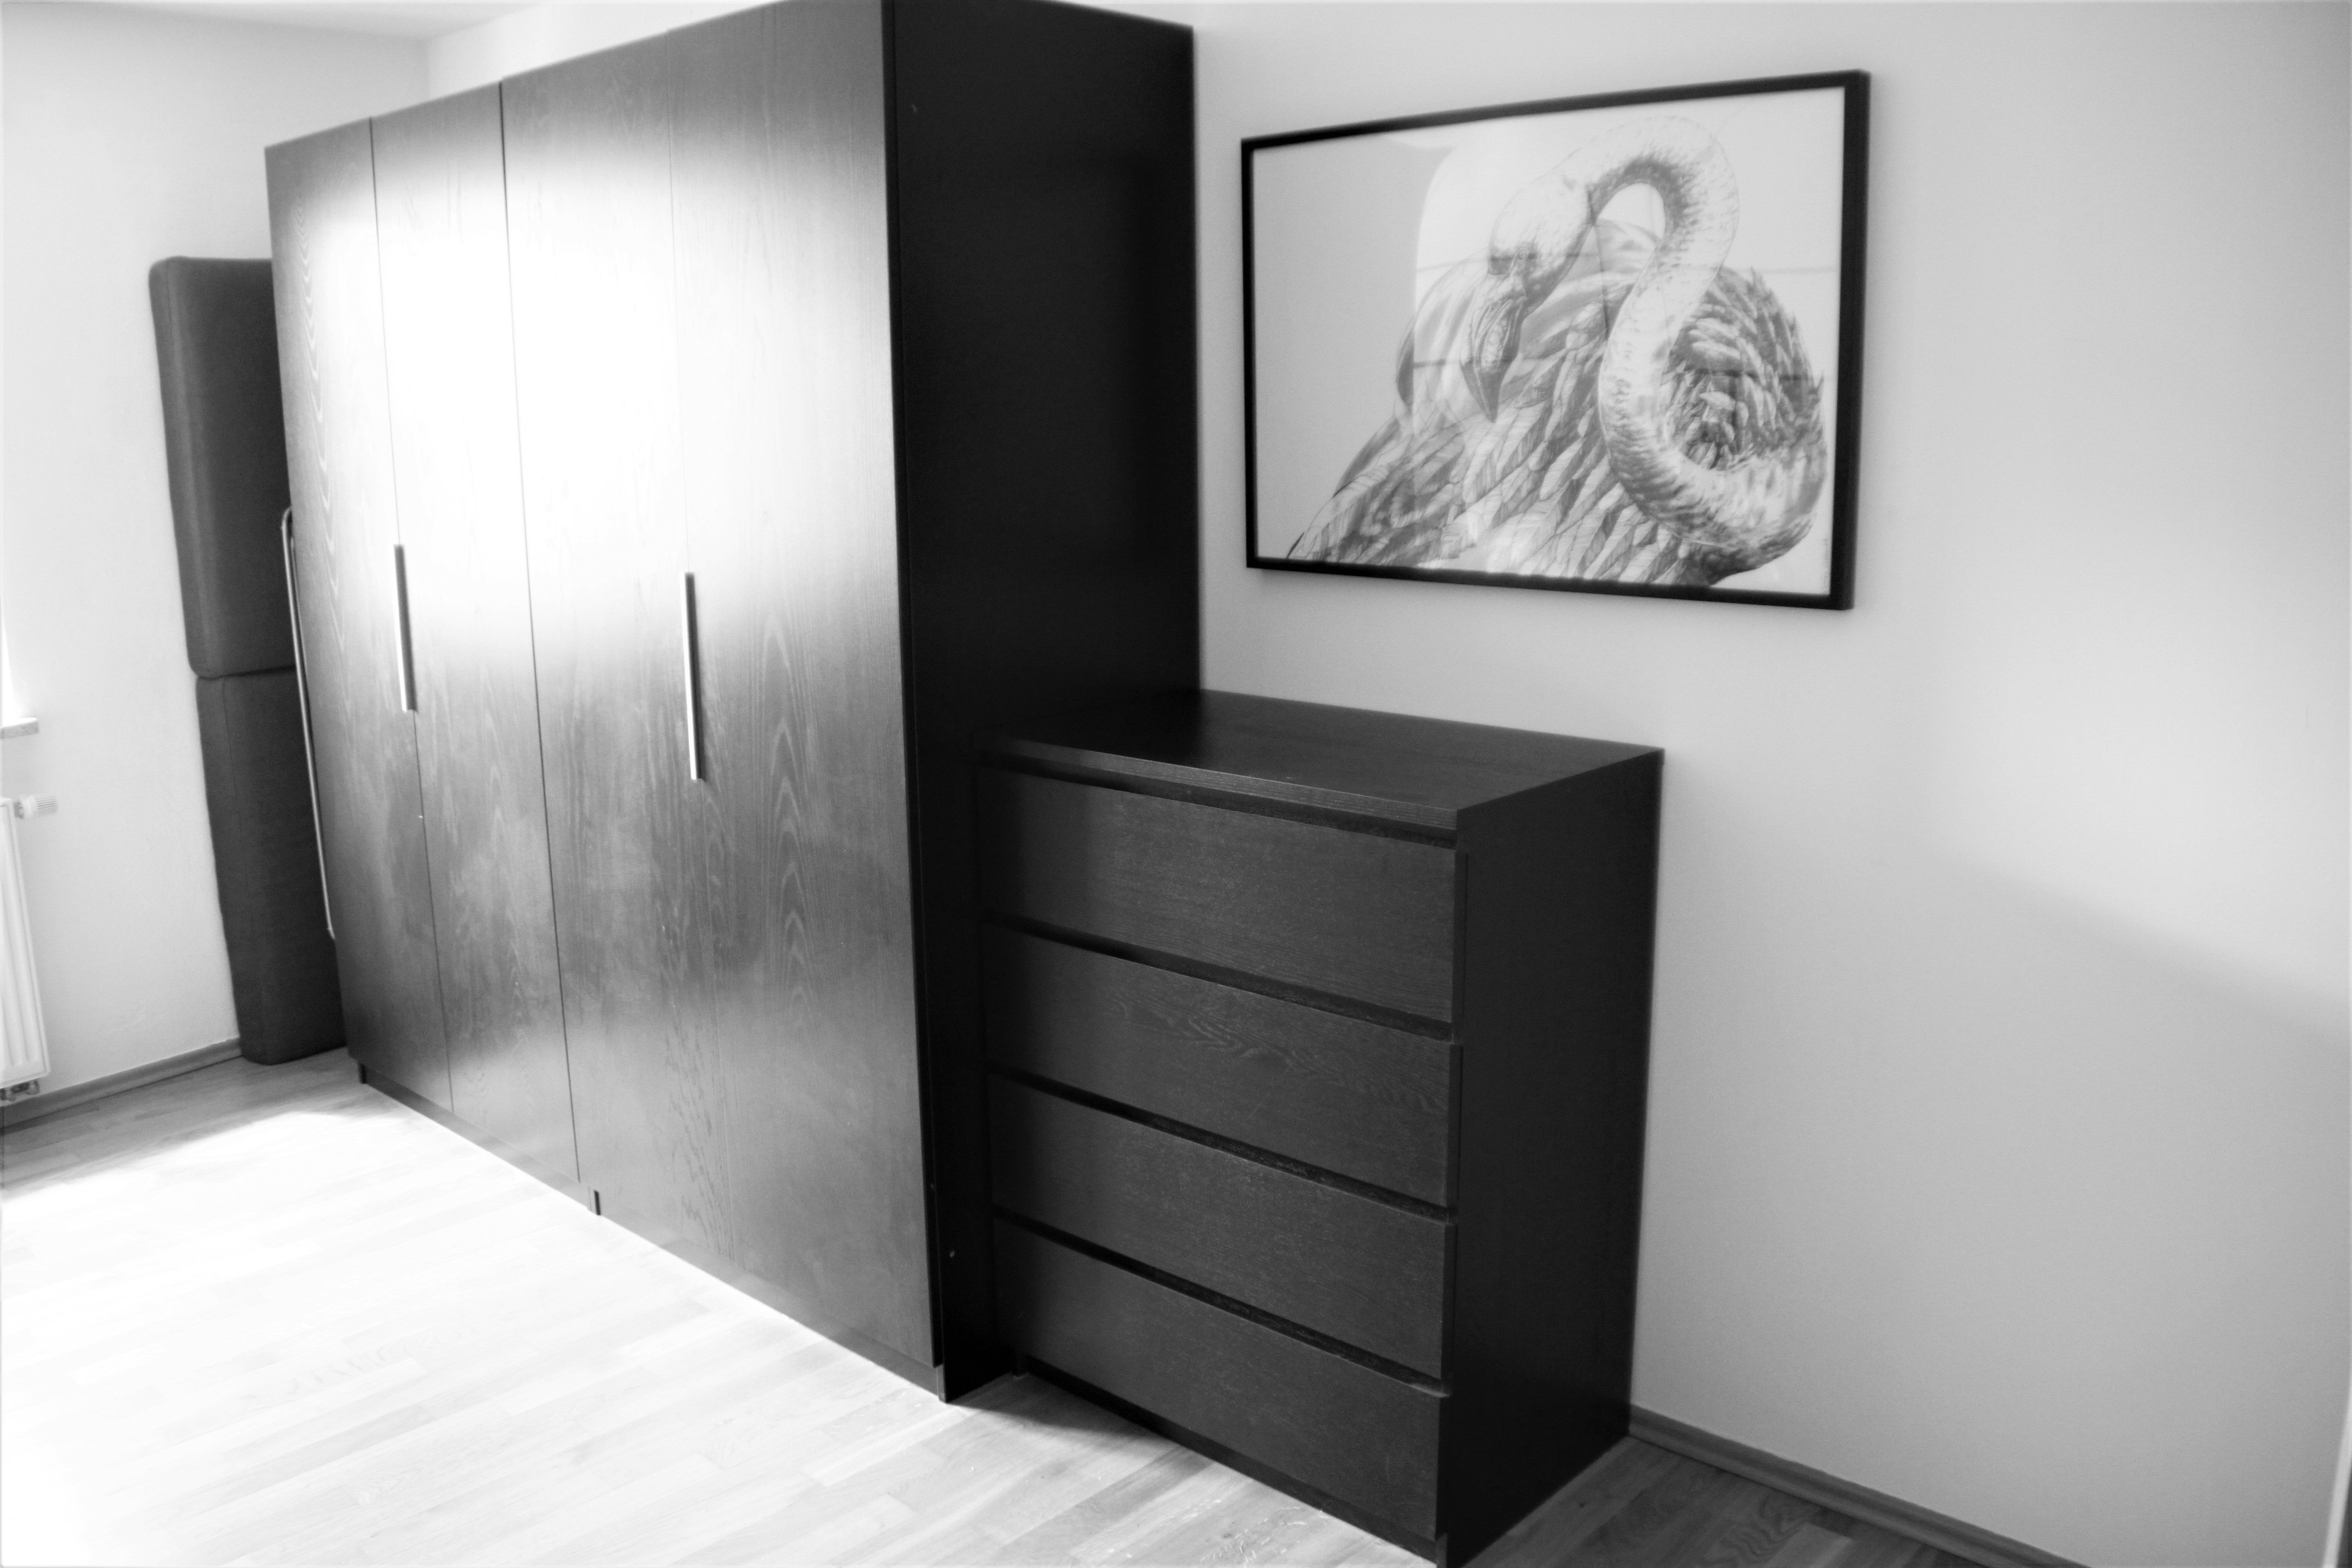 minimalismus mode vii mein kleiderschrank la marie kondo erleichtert. Black Bedroom Furniture Sets. Home Design Ideas